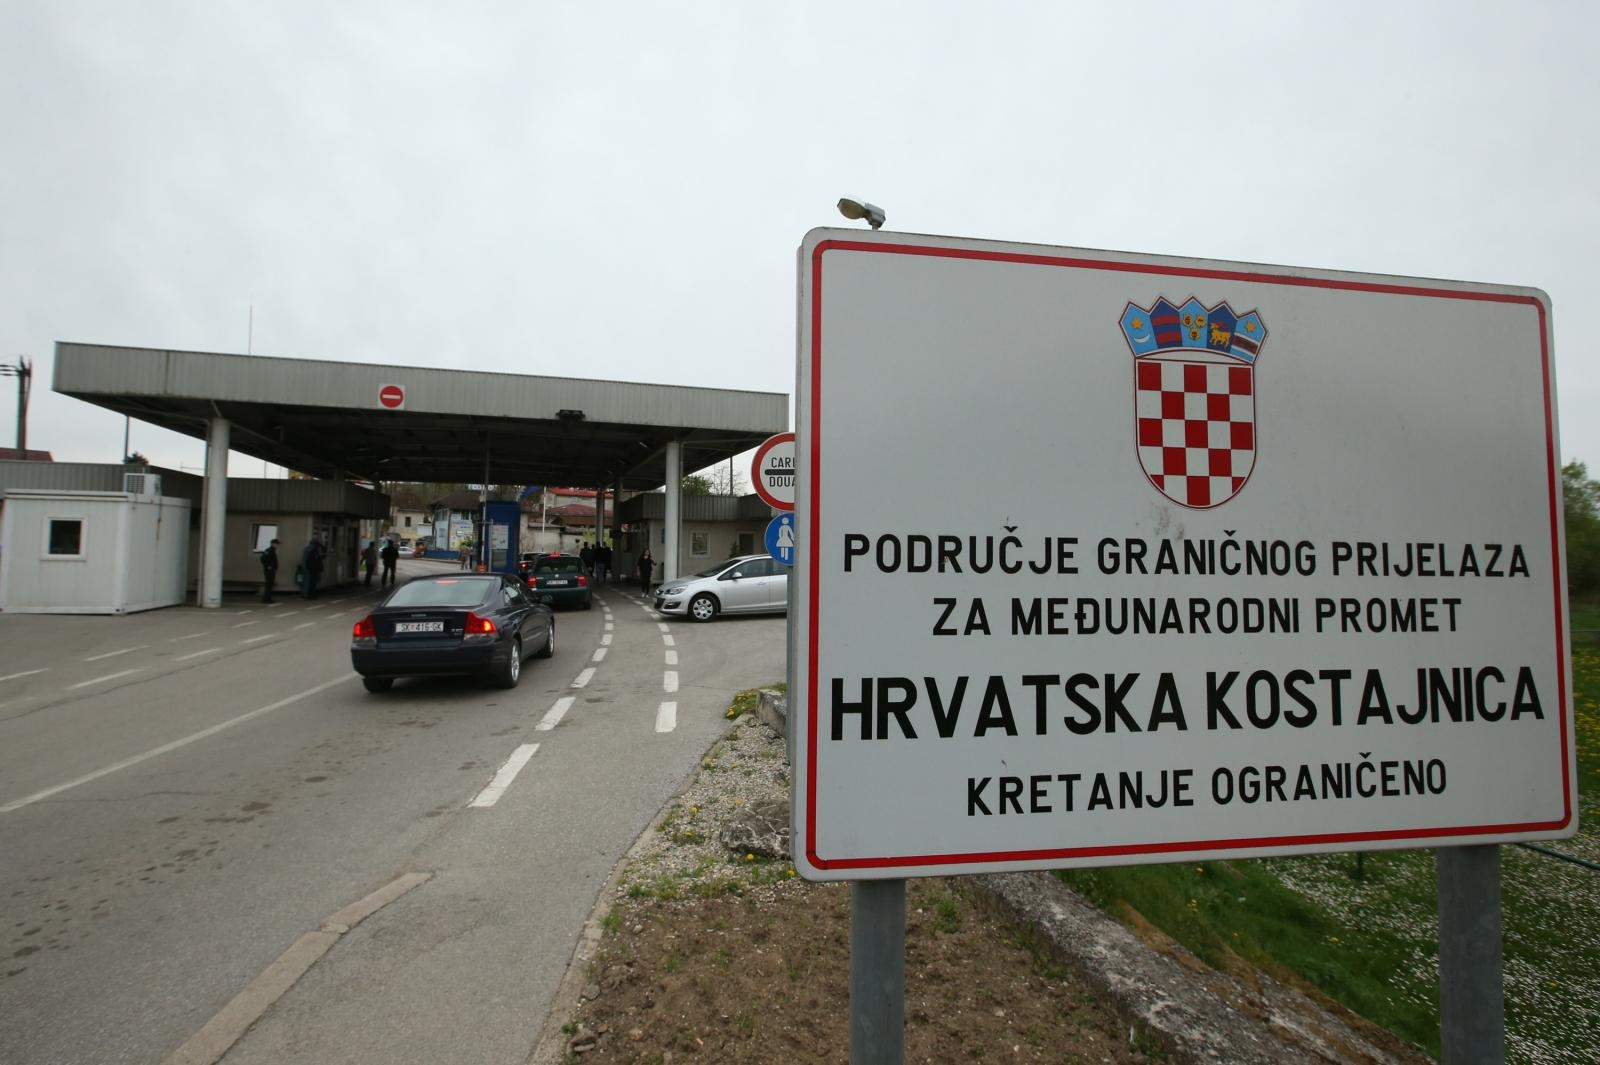 Na teritorij Hrvatske državljanin BIH-a pokušao ući s lažnom registarskom pločicom